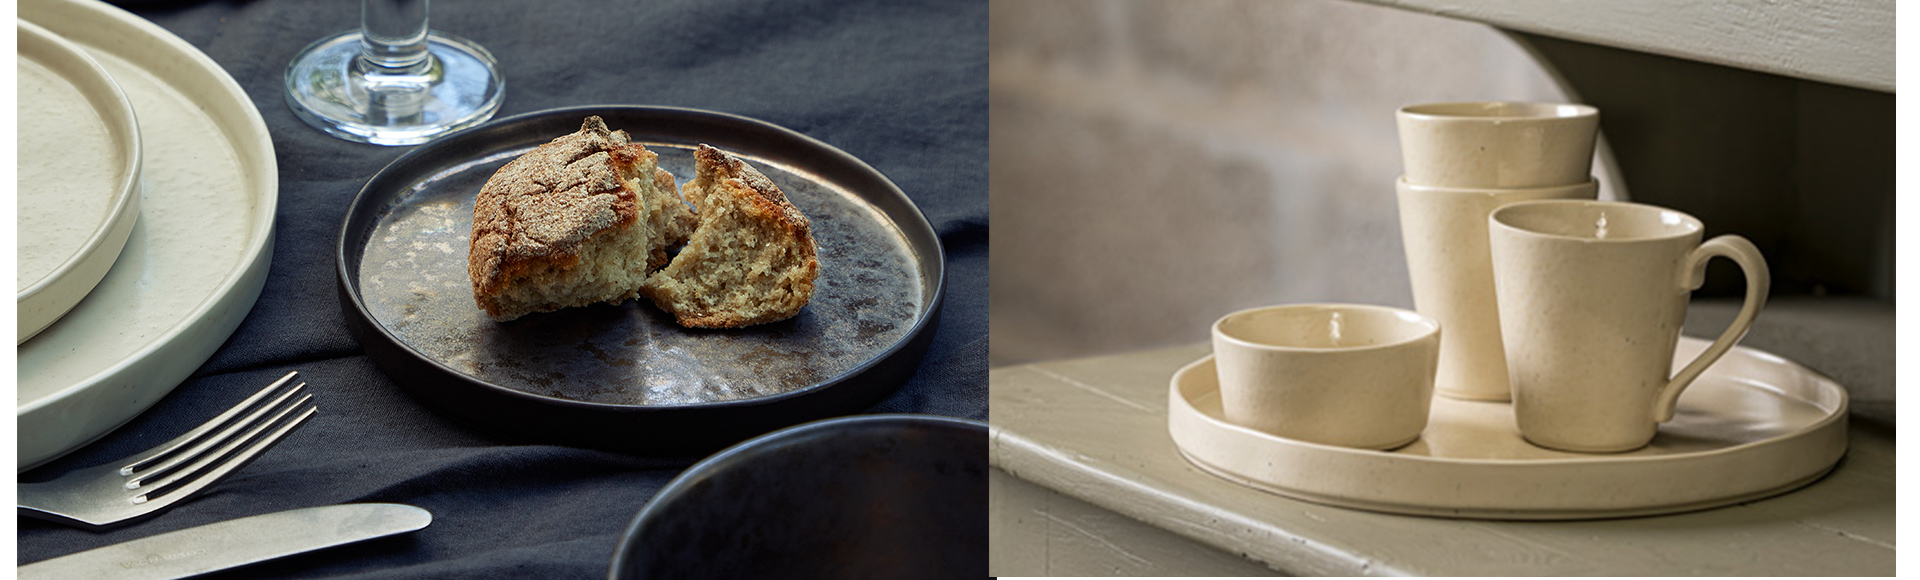 ポルトガルのテーブルウェアブランドCOSTANOVAのラゴアシリーズ。本物のメタルや石のような質感が楽しい、フラットデザインの食器です。